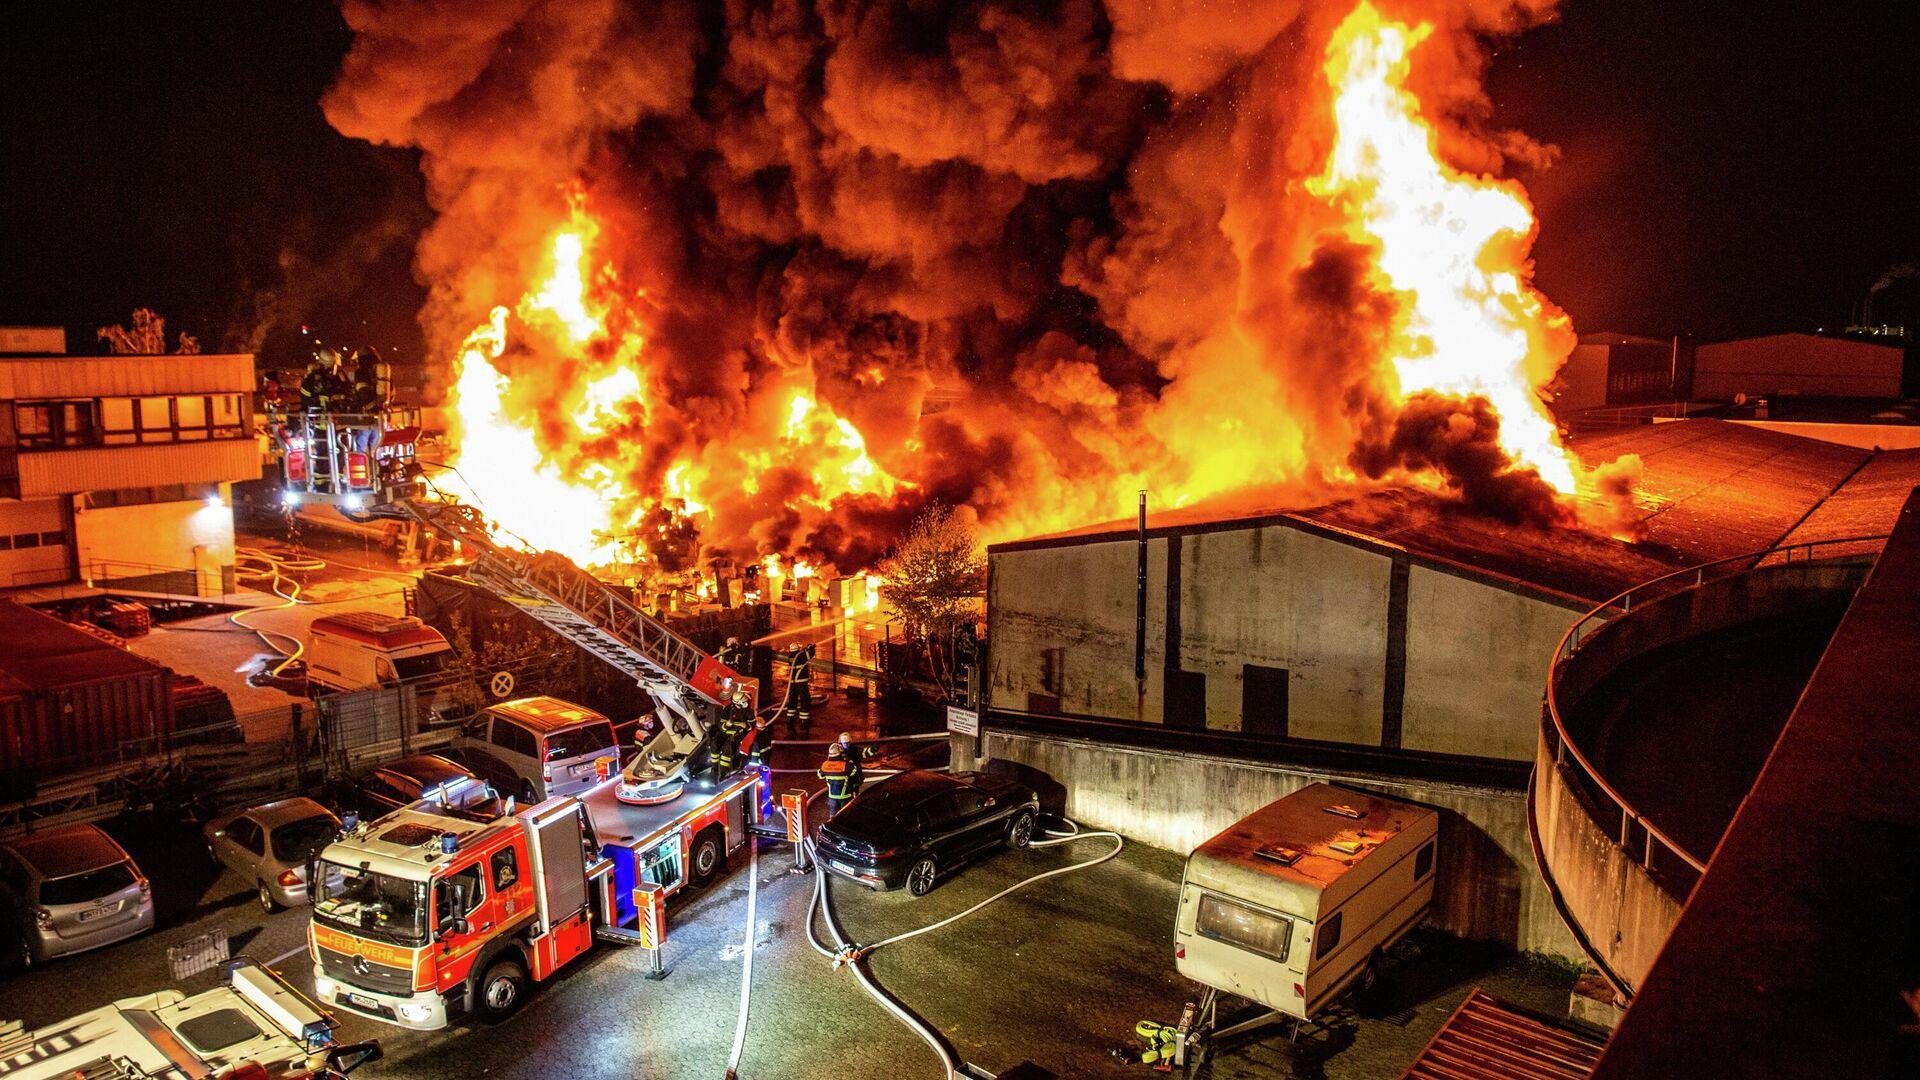 Almanya'nın Hamburg kentinde Türk vatandaşa ait iş yerinde yangın çıktı. Yangında 3 iş yeri küle dönerken, can kaybı yaşanmadığı belirtildi. - Sputnik Türkiye, 1920, 26.09.2021